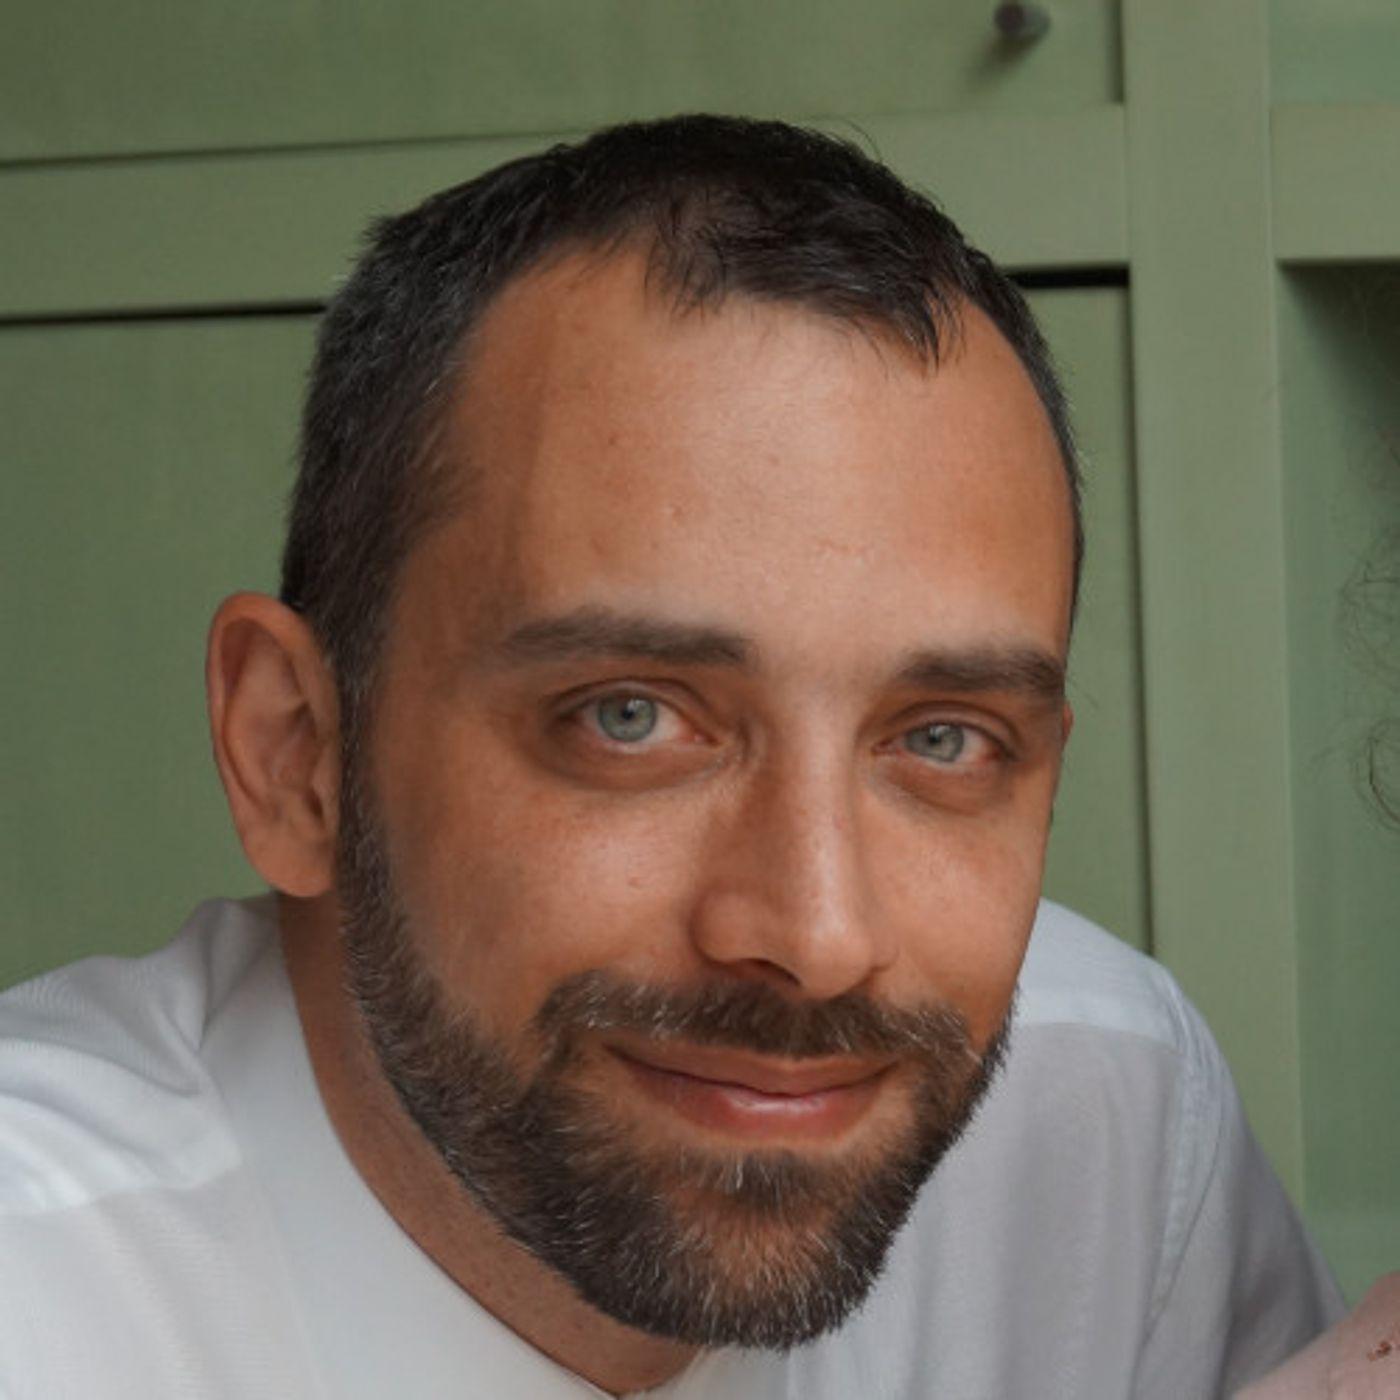 #86 [DIGITAL JOB] Cloud expert: intervista a Federico Rossi di Netresults Srl